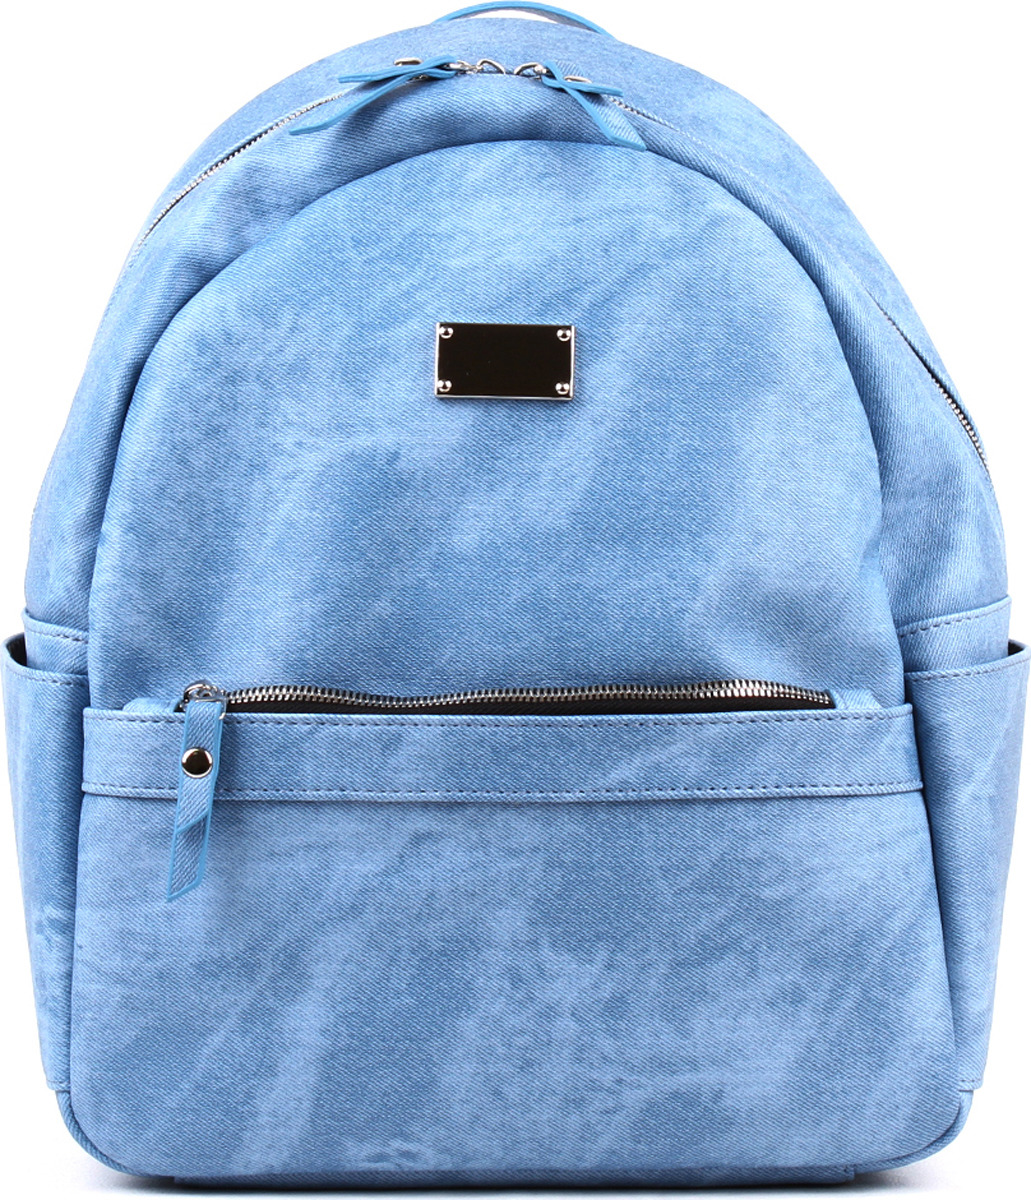 Рюкзак женский Медведково, 19с0982-к14, голубой рюкзак женский медведково цвет бежевый 16с3880 к14